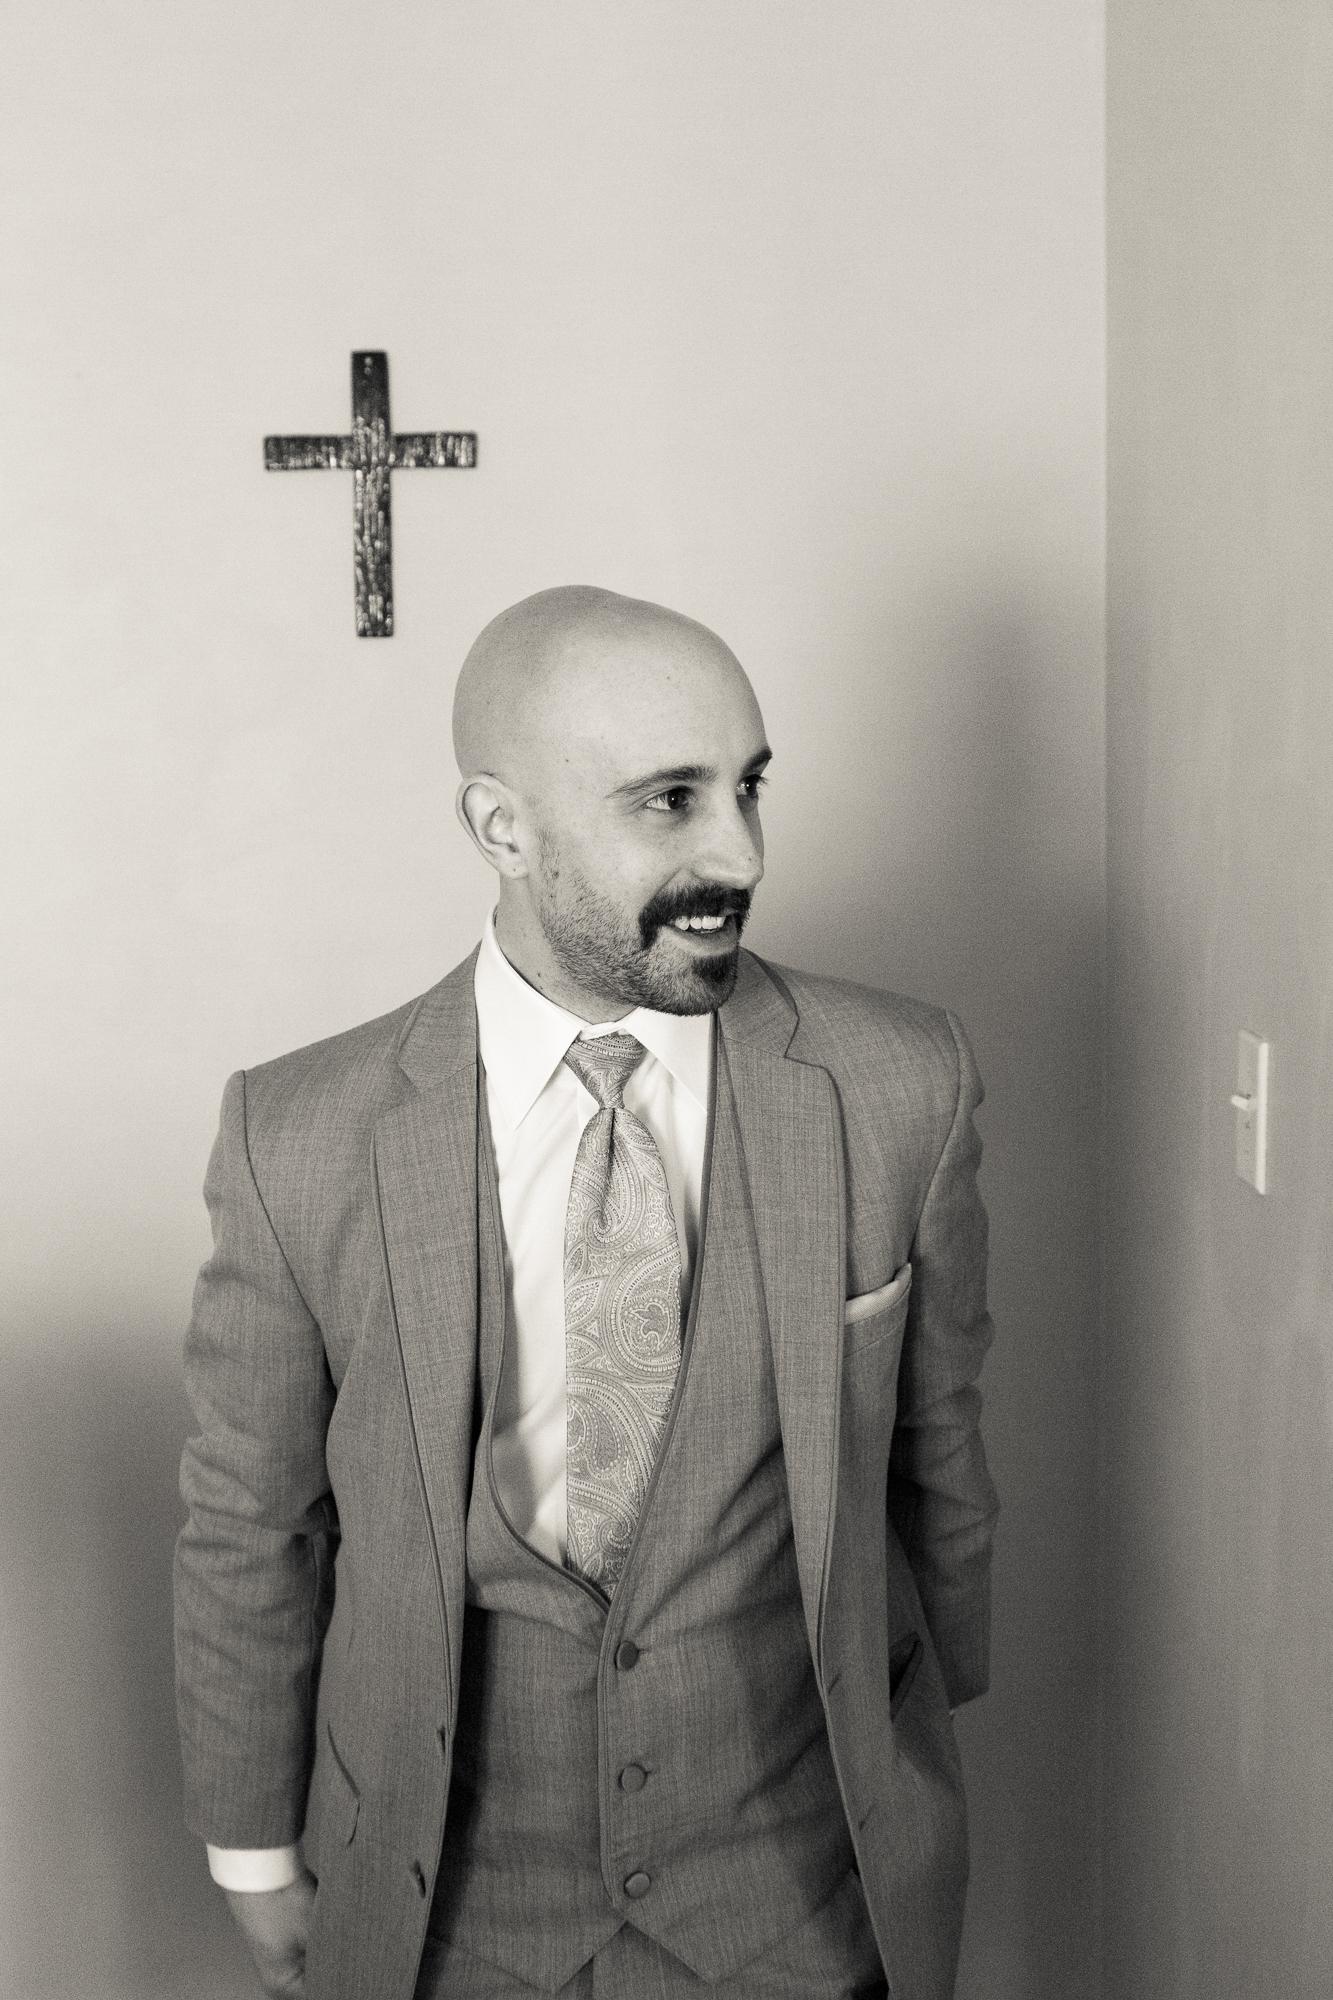 scranton-wedding-photography-zak-zavada-poconos--kellyGeoff-002.jpg